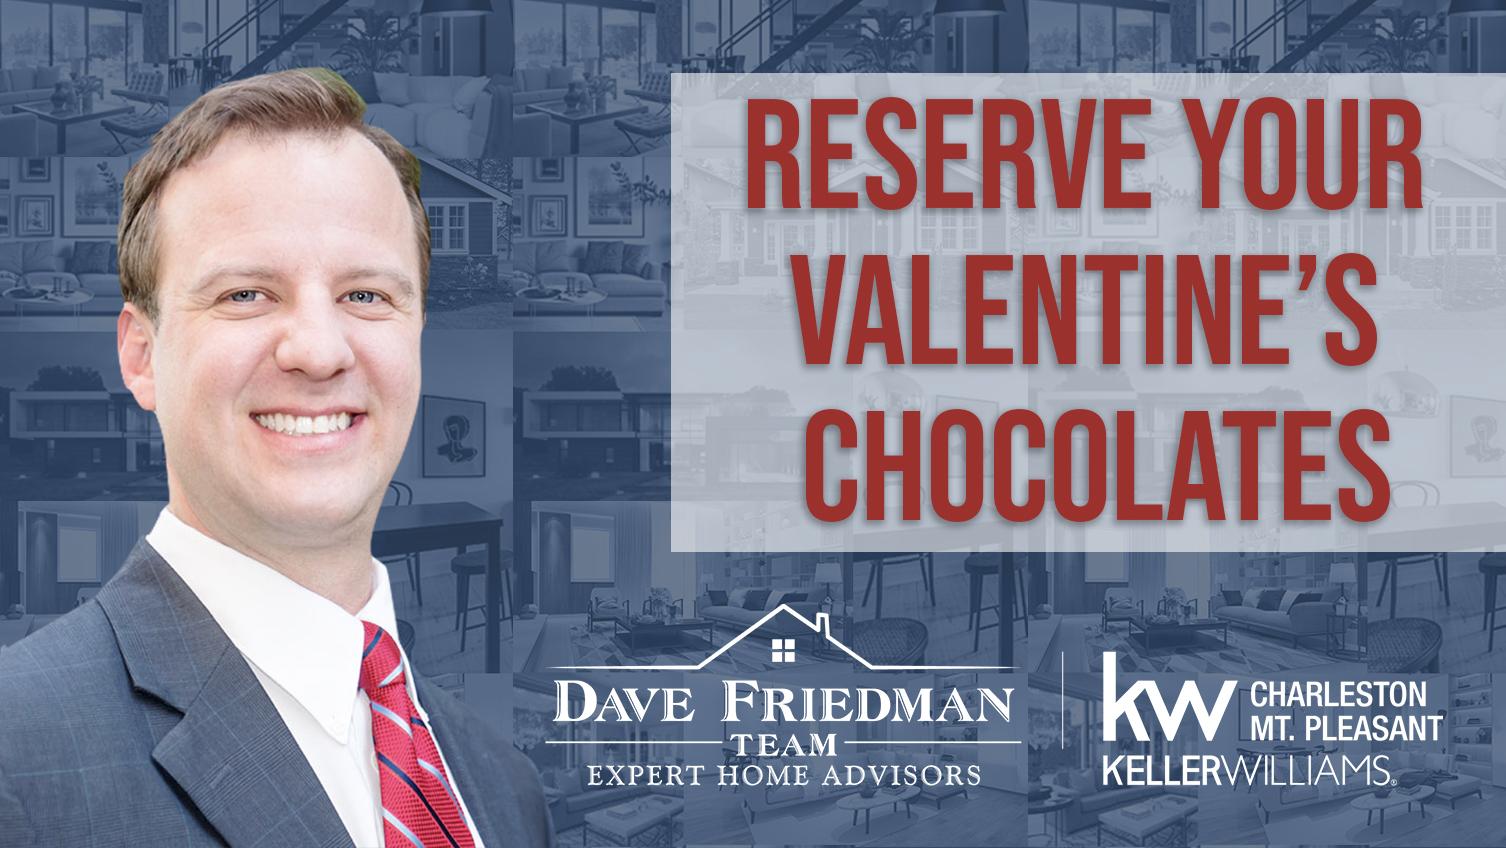 We're Sharing Valentine's Day Chocolates!